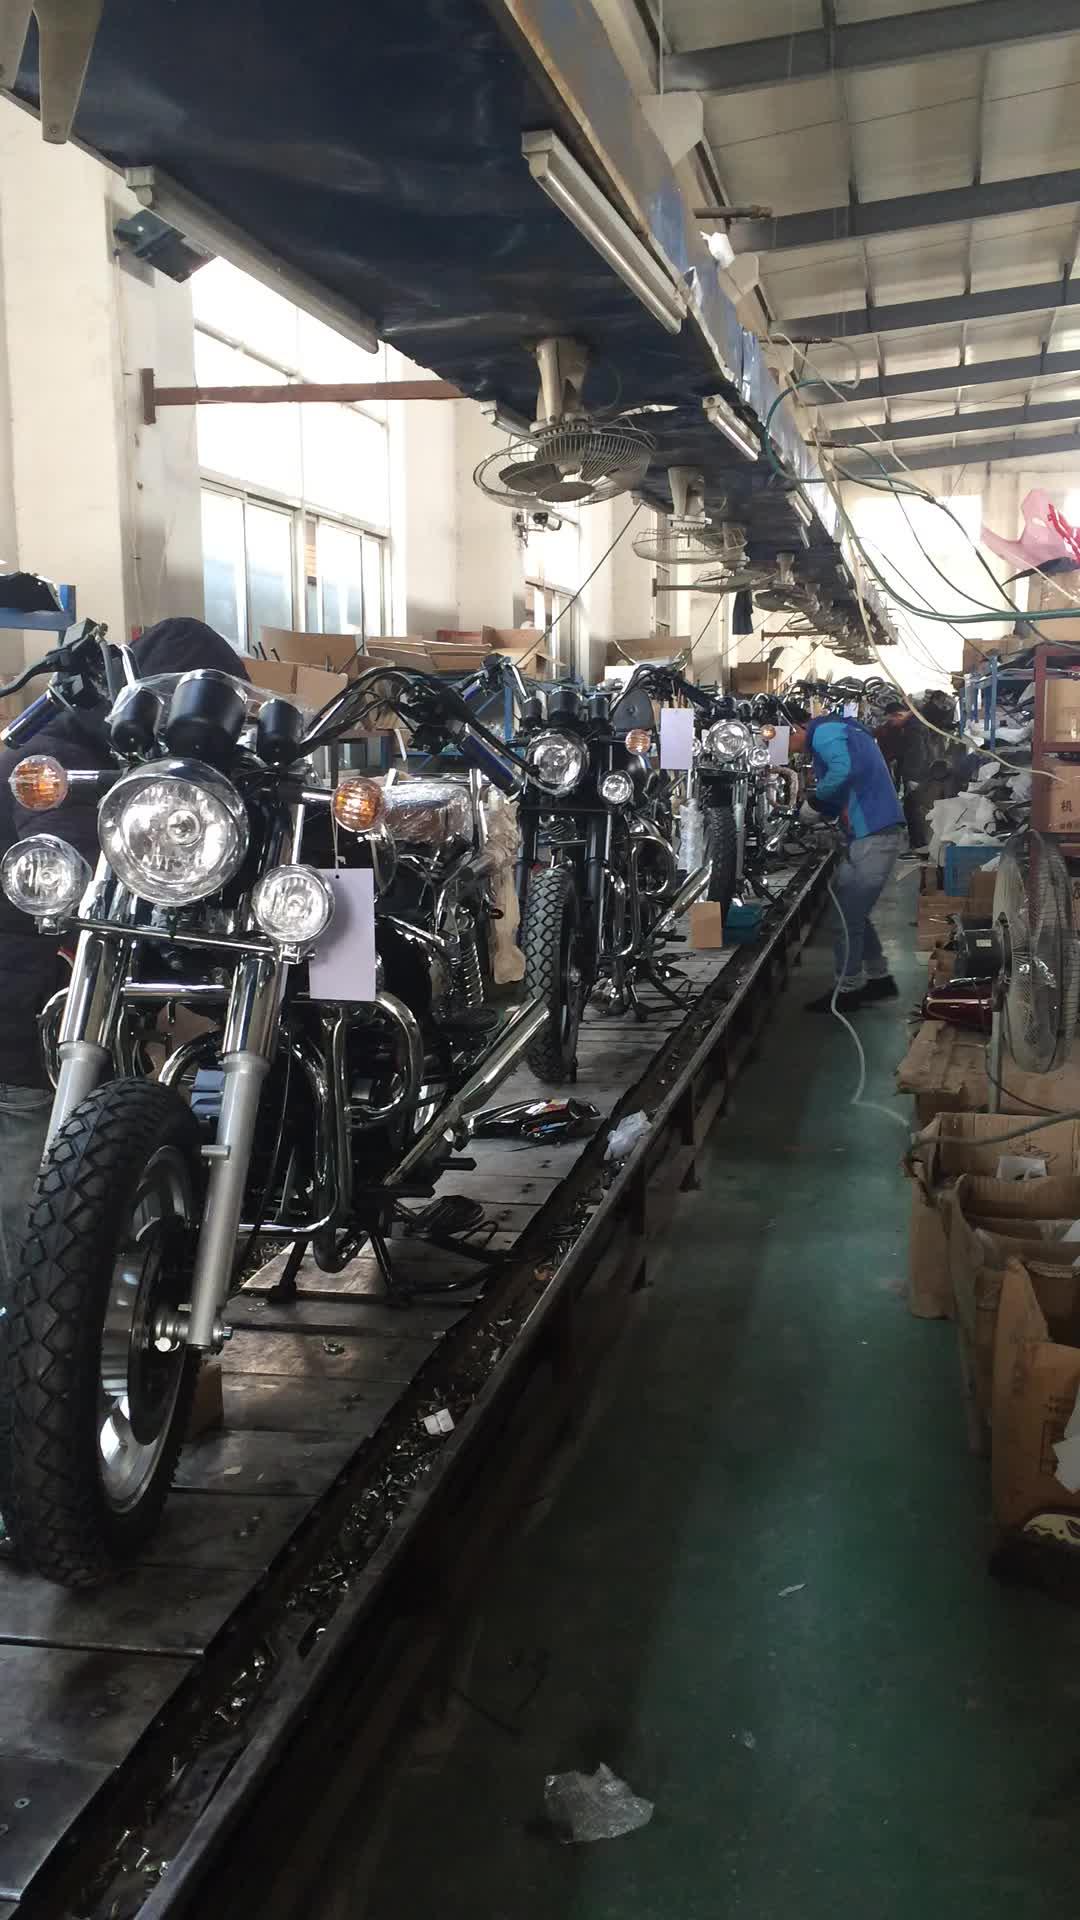 150cc y 200cc y 250cc y 300cc motocicleta, motocicleta, motocicleta deportiva